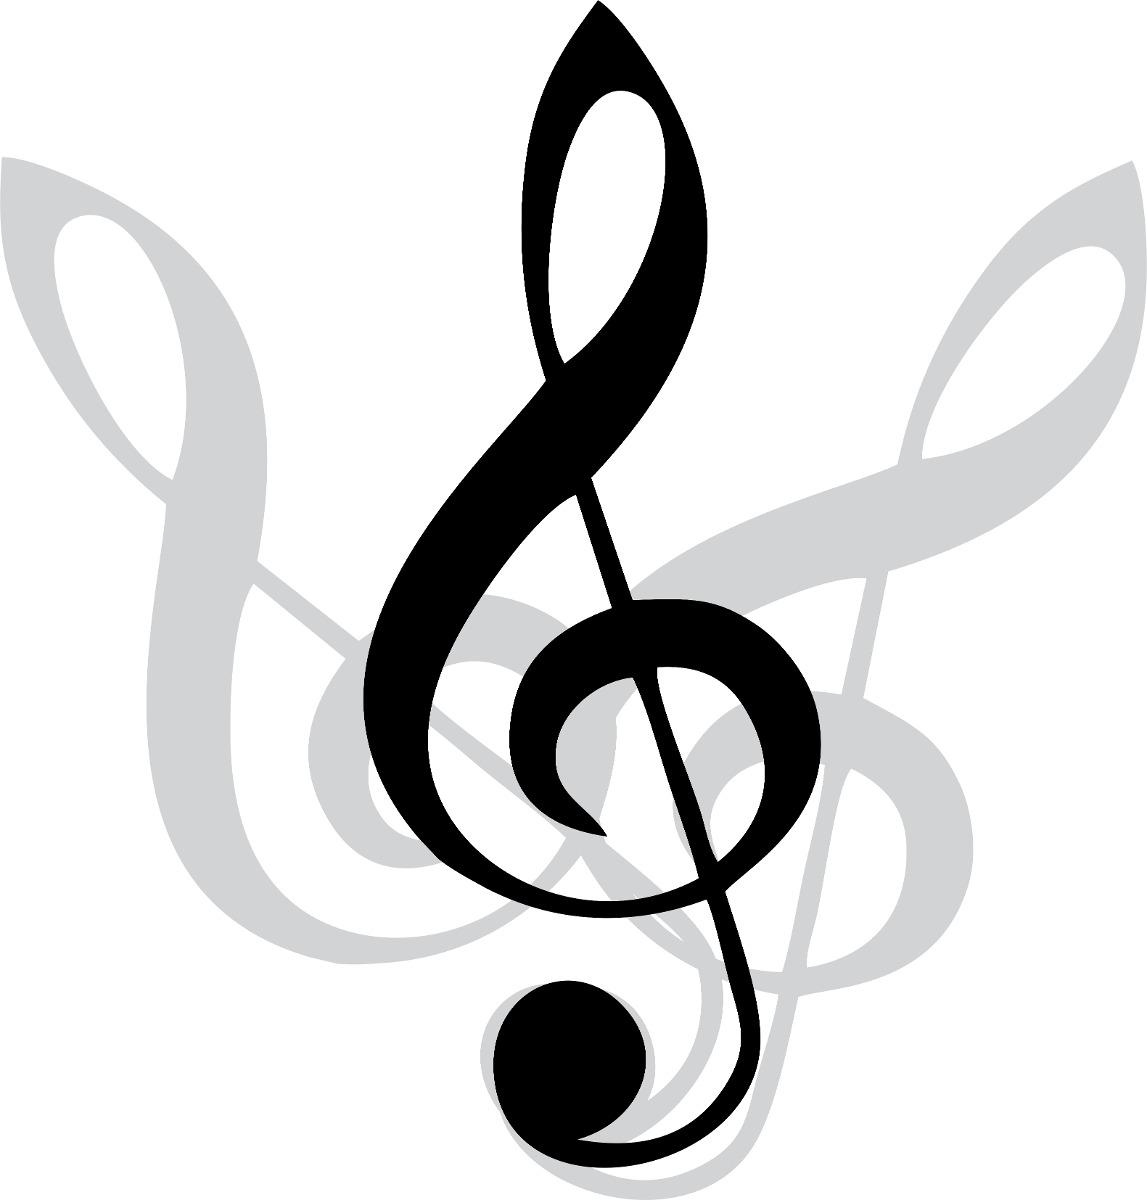 Adesivo Decorativo Clave Sol Musica Rock Papel Parede